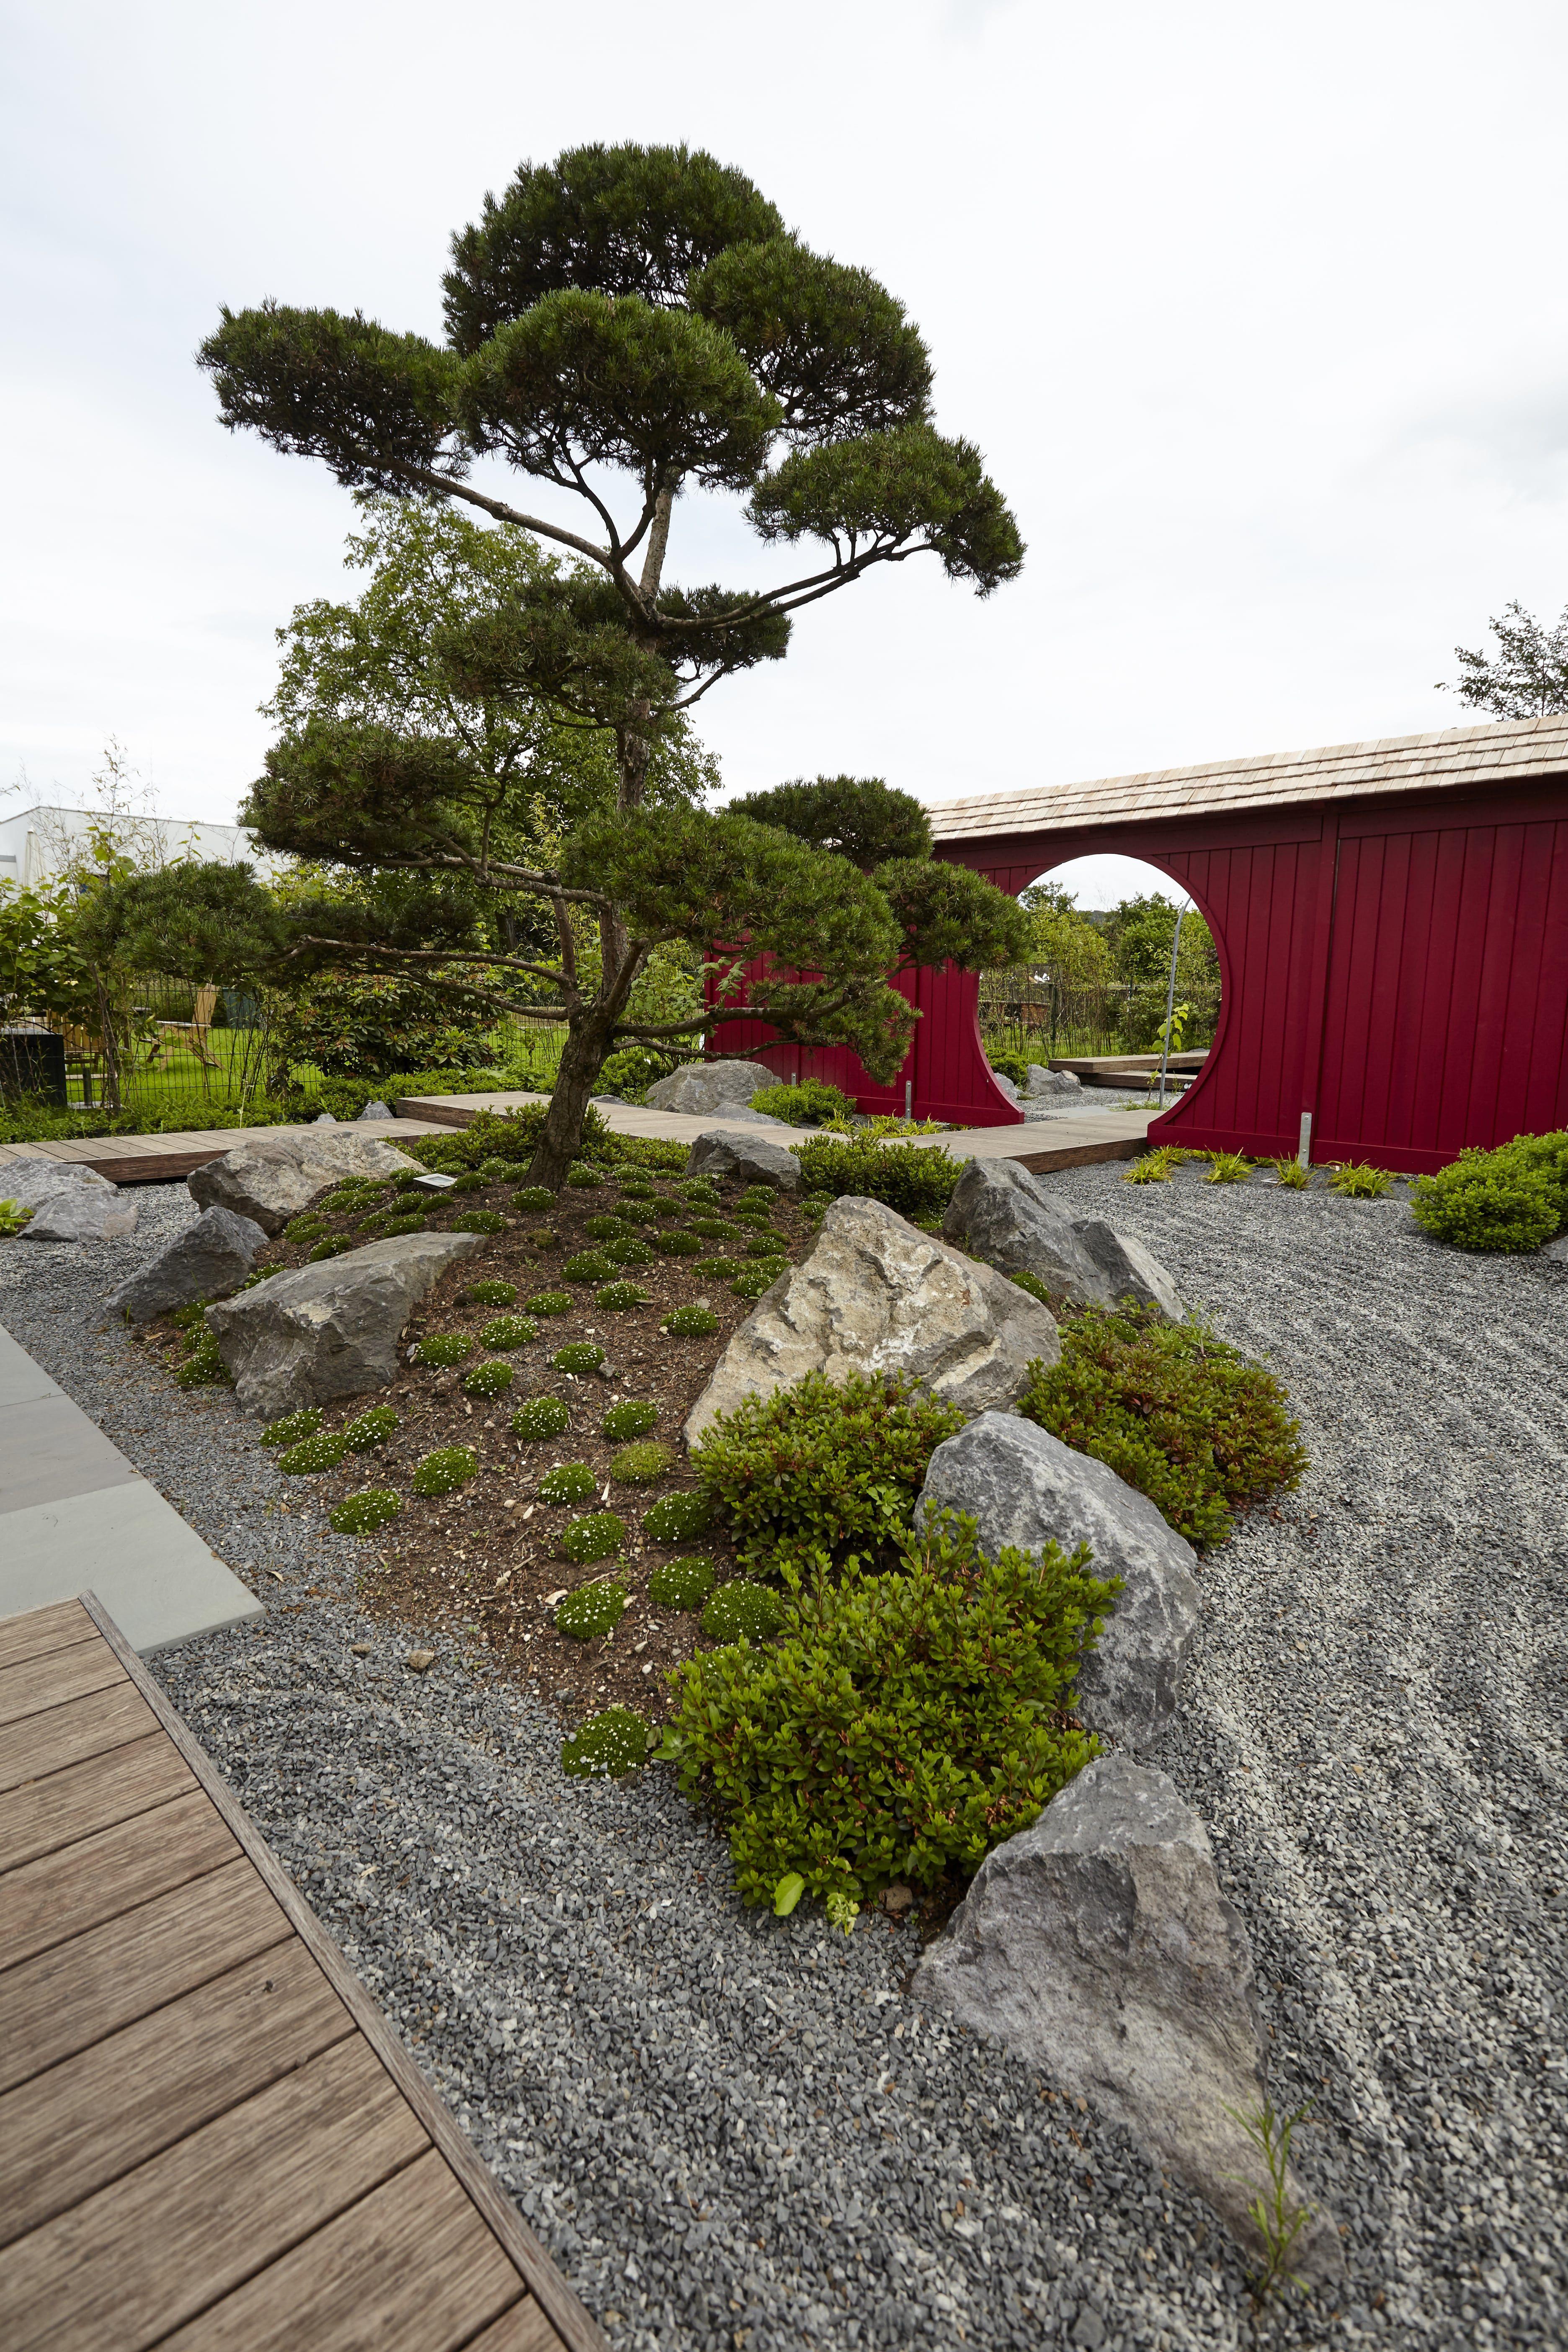 Traumhaftes Wohnen Im Garten Mit Wunderschöner Japanischer